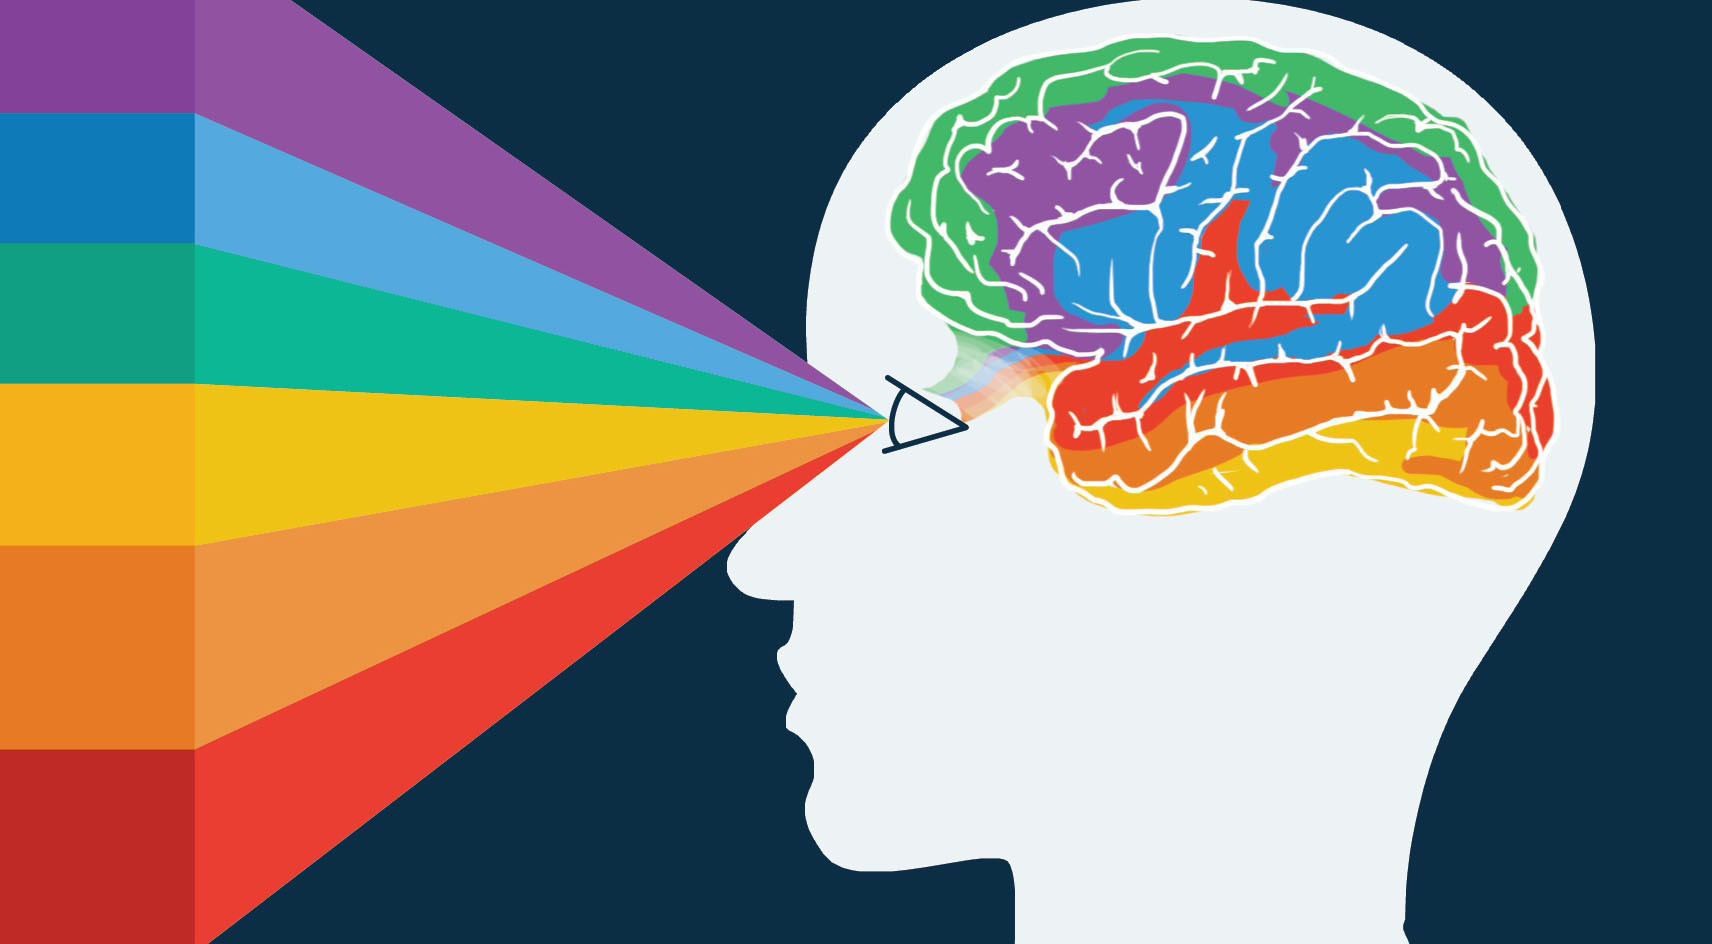 восприятие картинок мозгом конкордия